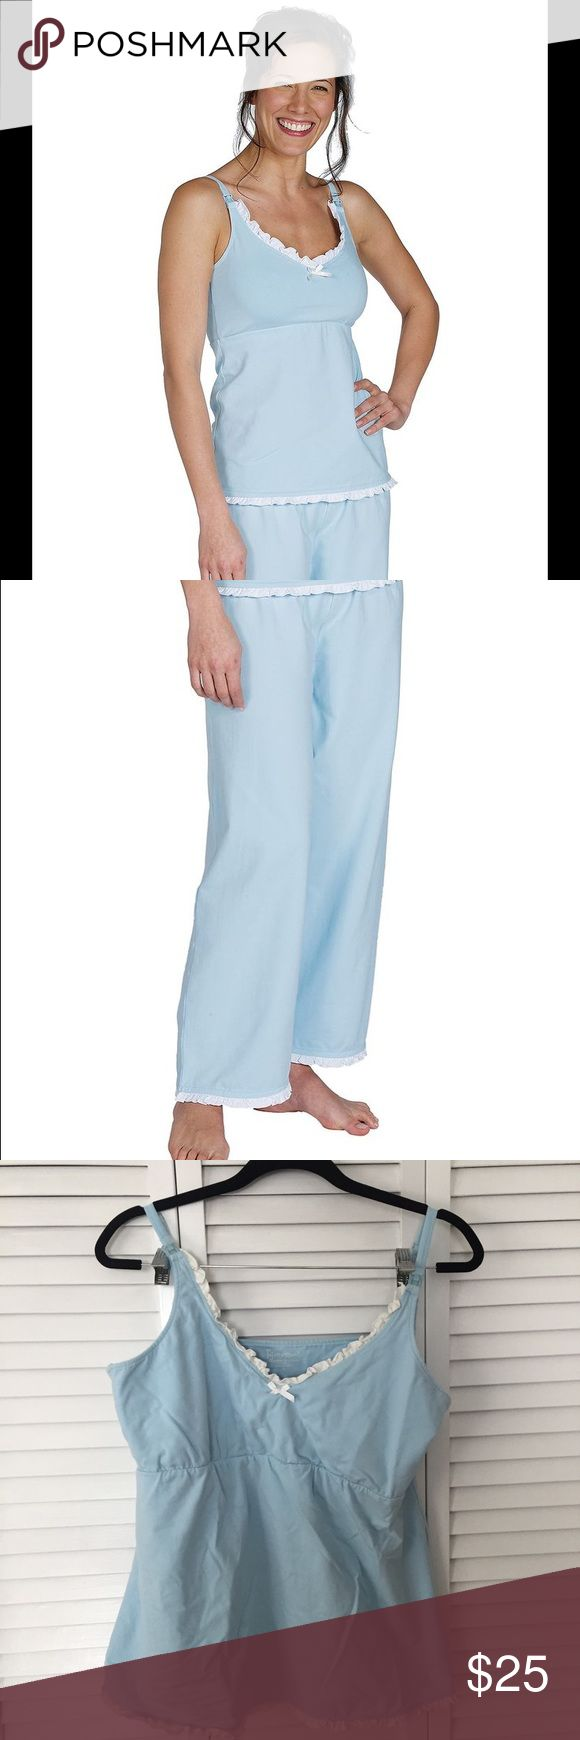 Pajamagram Nursing Pajamas Set Soft cotton nursing PJs! Worn once and never worn again. Beautiful baby blue tank and pants set. pajamagram Intimates & Sleepwear Pajamas